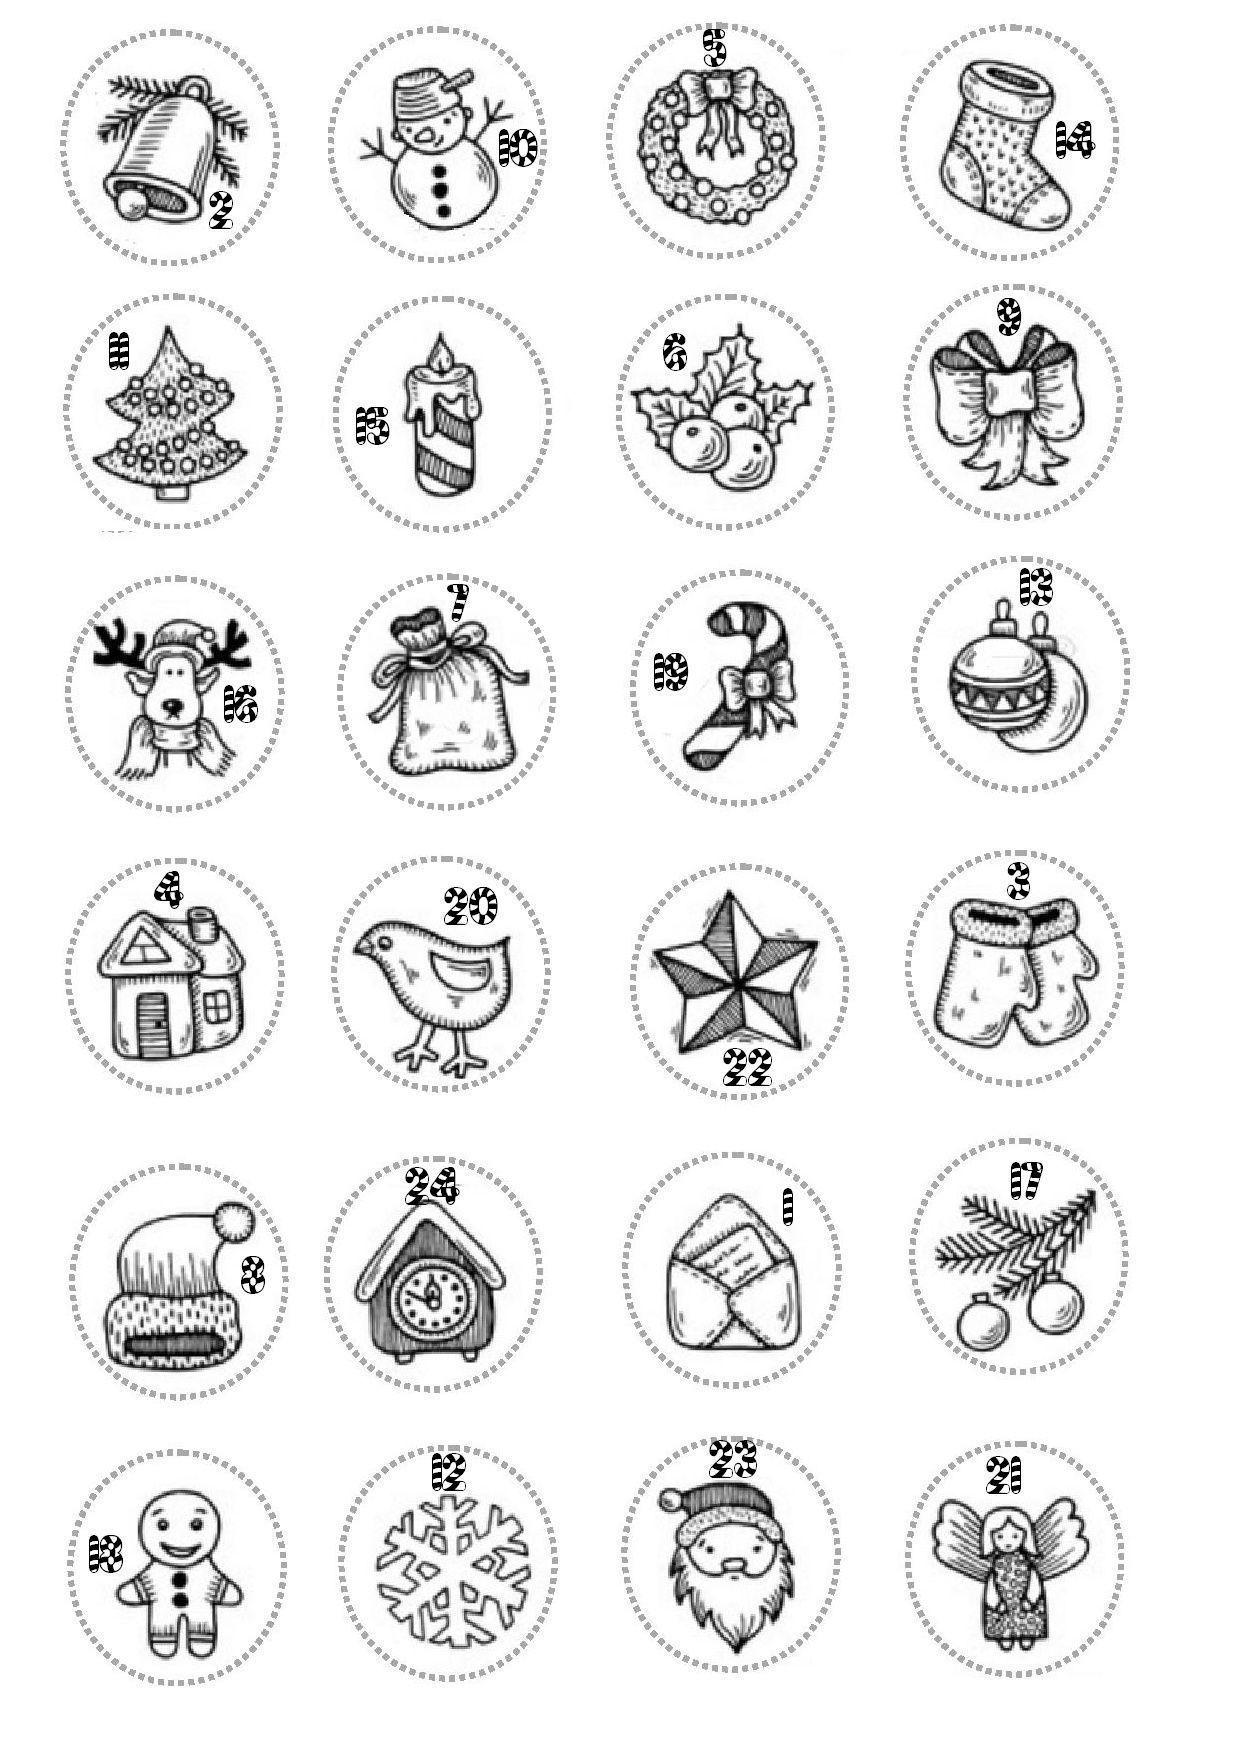 Calendrier De L 39 Avent Sapin Colorier Gabarit 3 - Numero Calendrier De L Avent A Imprimer - Apsip.com Calendrier De L'avant Noël, Calendrier De L'avent Enfant, Calendrier De L'avent Maternelle, Patchwork De Noël, Deco Noel Enfant, Noel 2017, Activités Autour De Noël, Activité Manuelle Noel, Inspiration Noël #activitemanuellenoelmaternelle Calendrier De L 39 Avent Sapin Colorier Gabarit 3 - Numero Calendrier De L Avent A Imprimer - Apsip.com Calendrier De L'avant Noël, Calendrier De L'av #numerocalendrieraventaimprimer